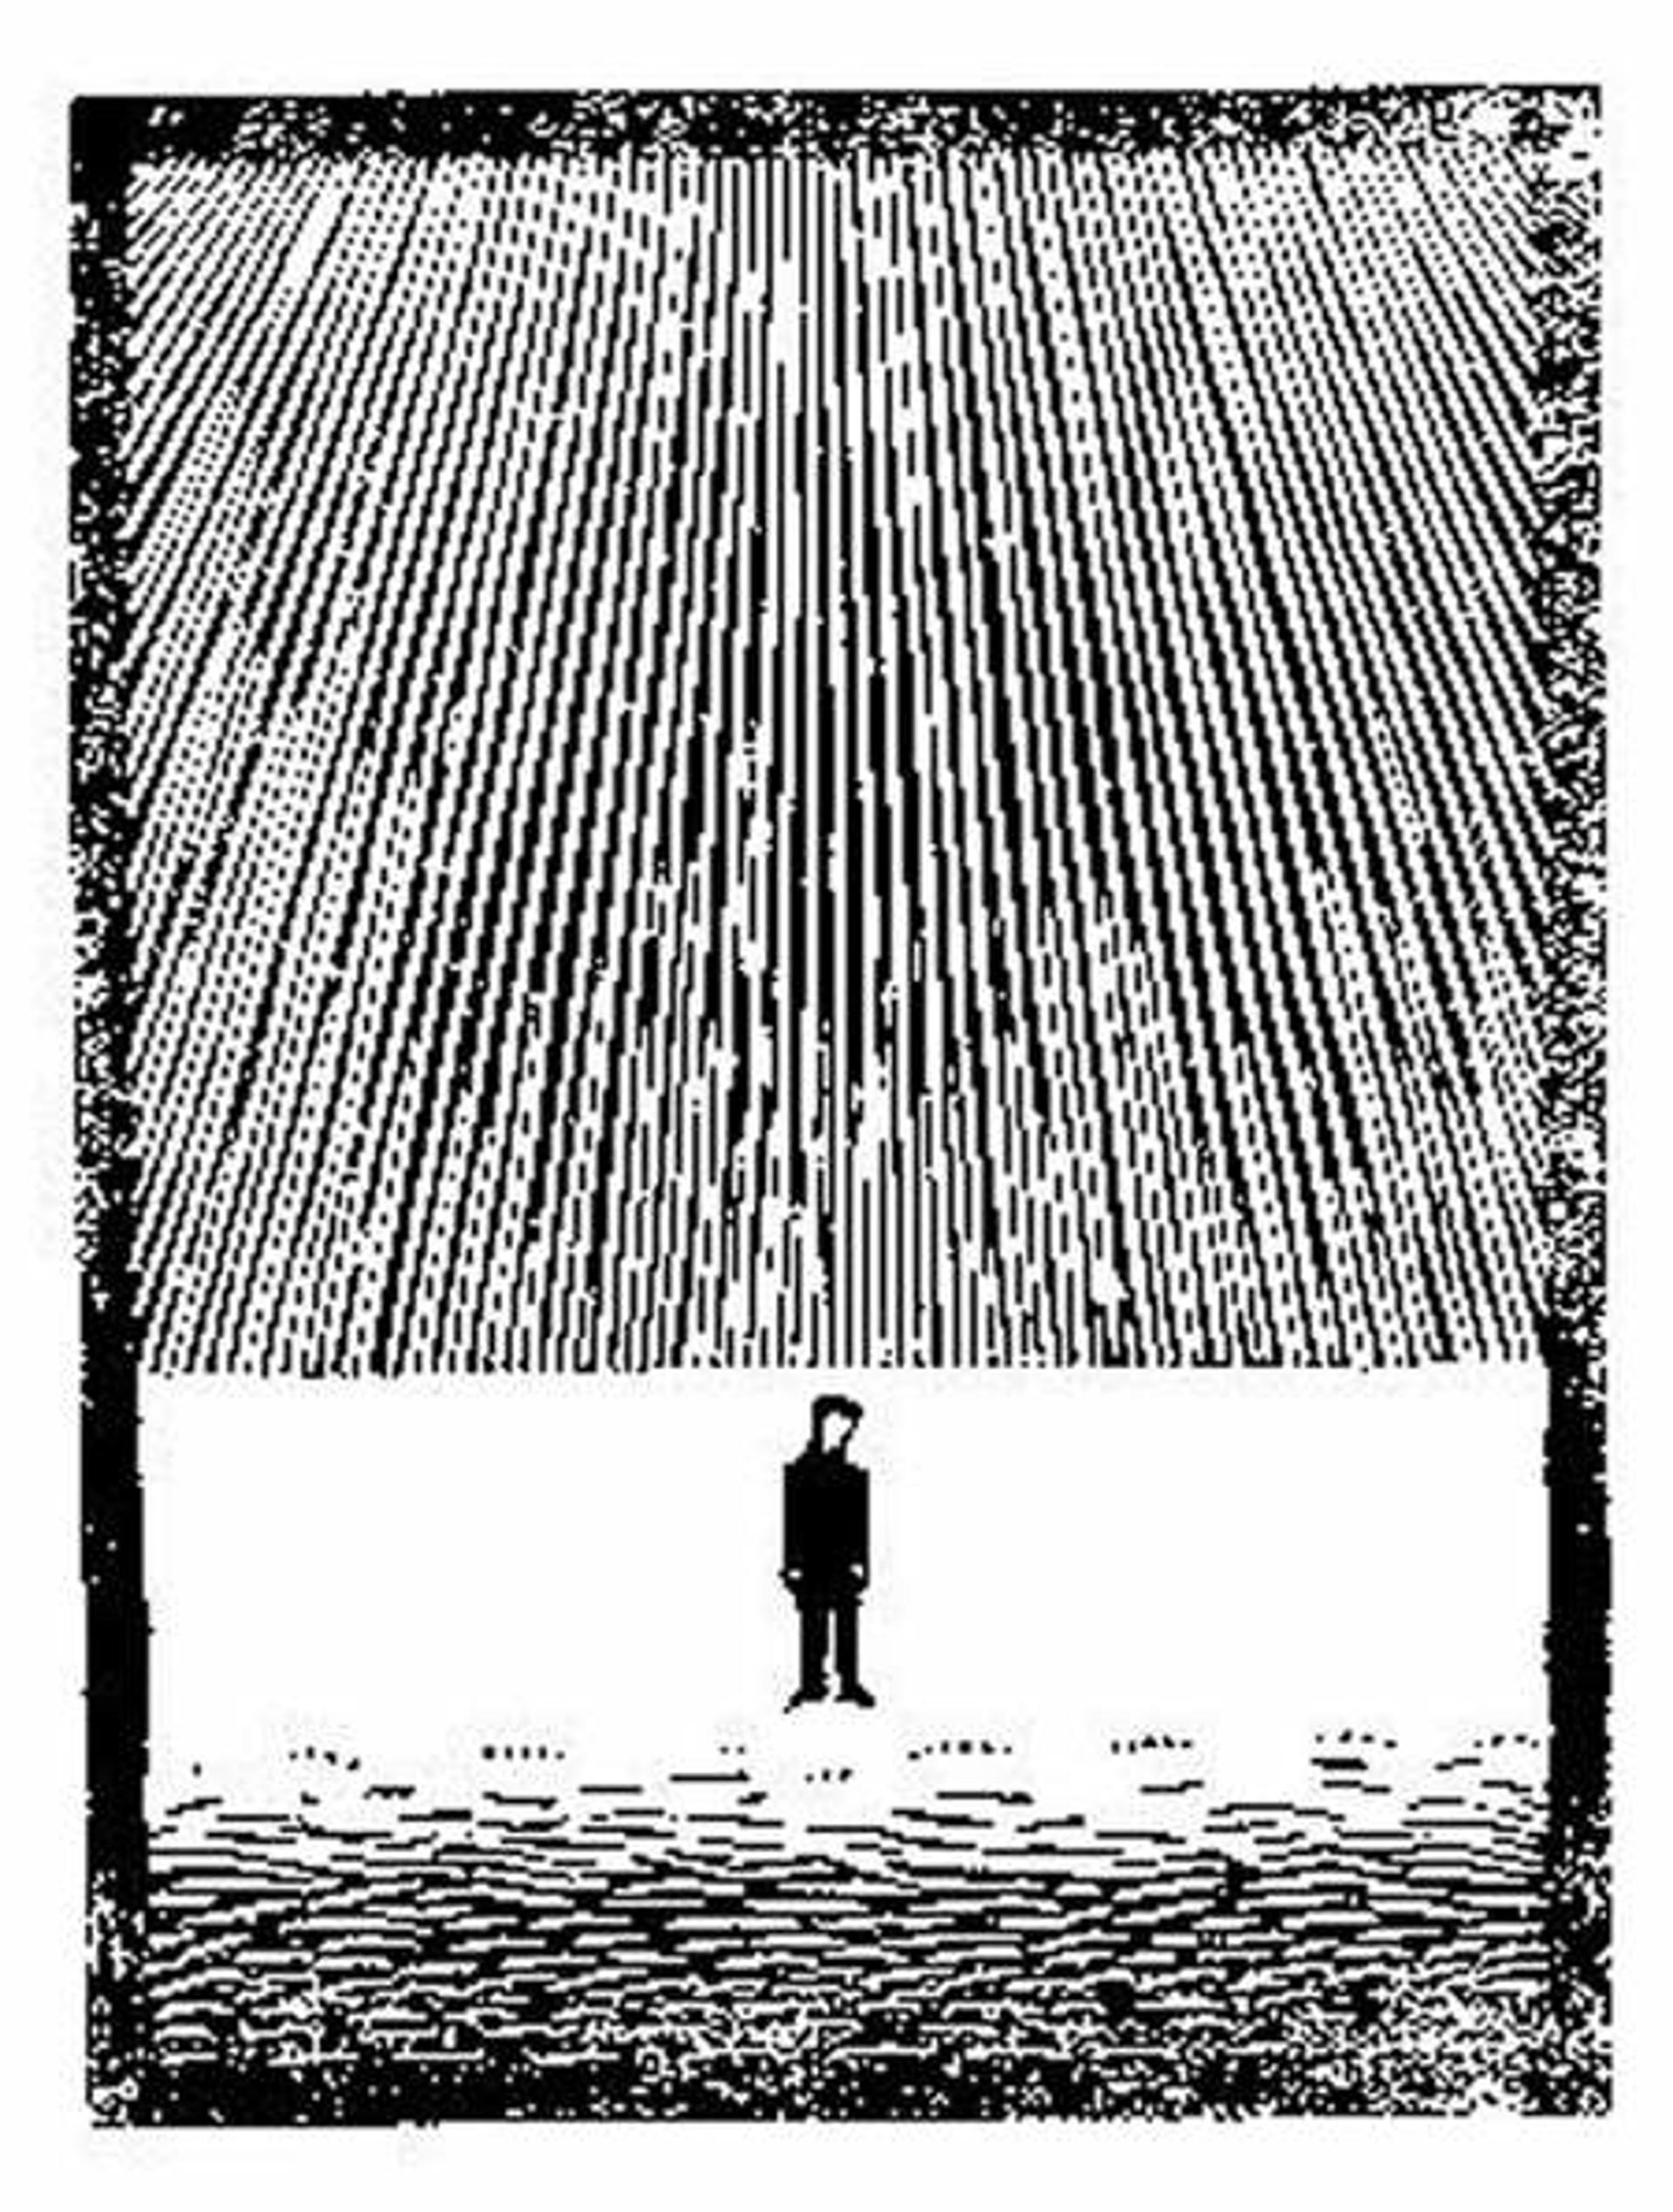 Flor de Pascua - Untitled/? by M.C. Escher